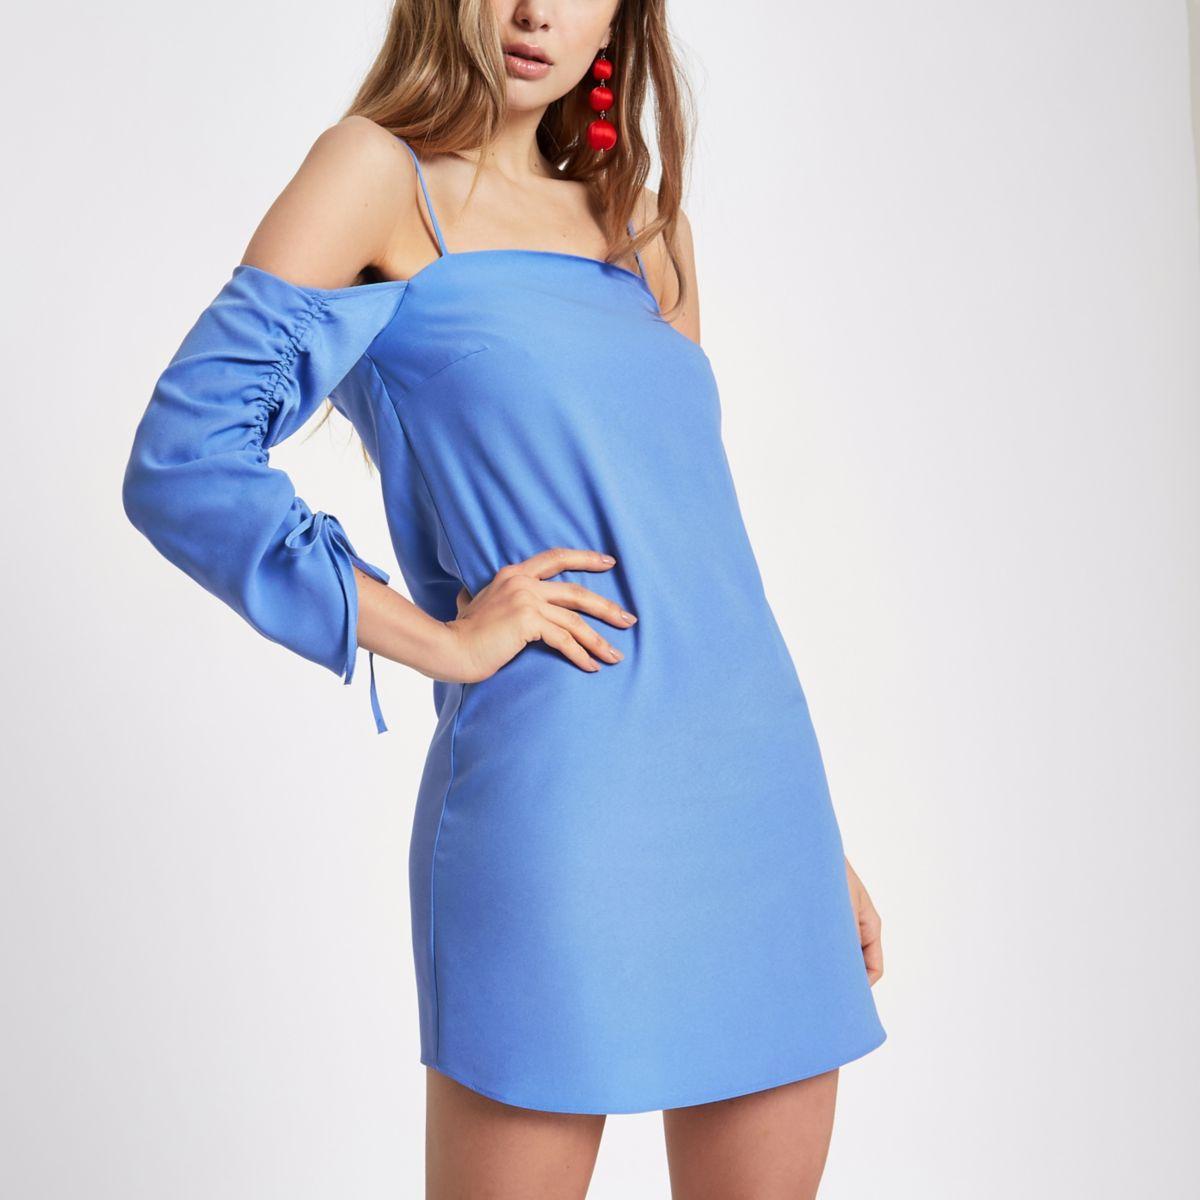 Light blue cold shoulder swing dress